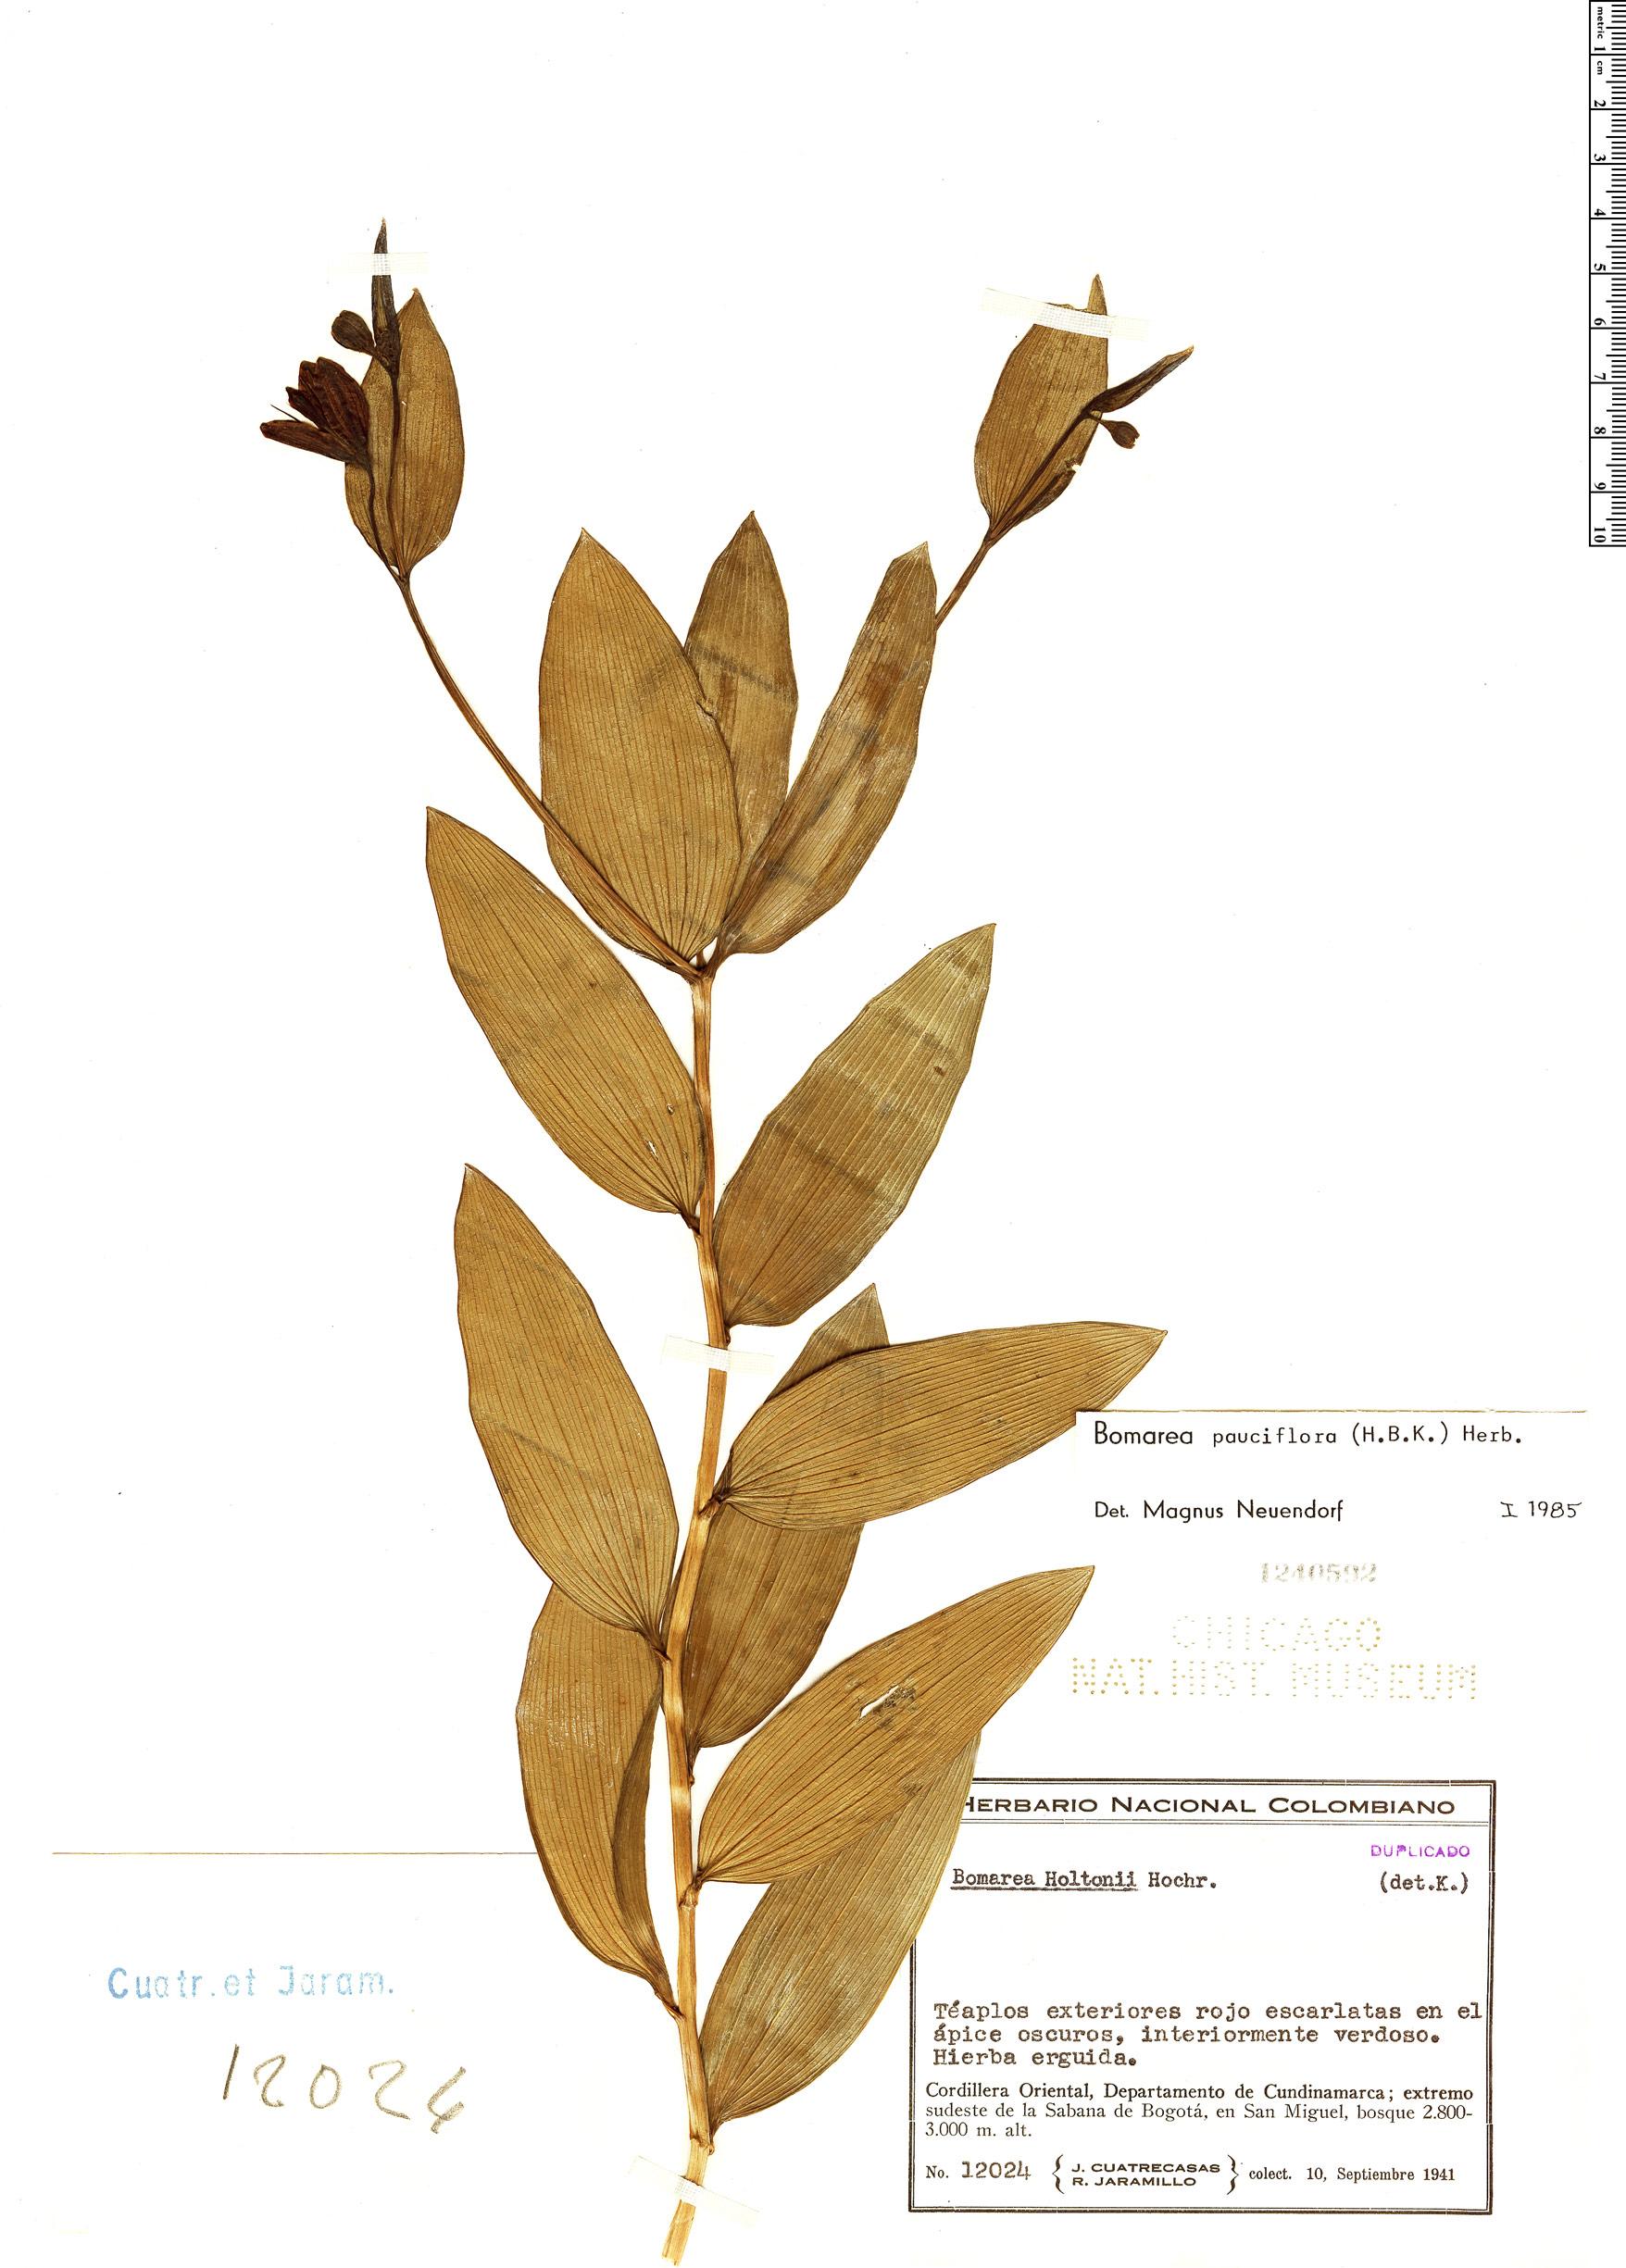 Specimen: Bomarea pauciflora